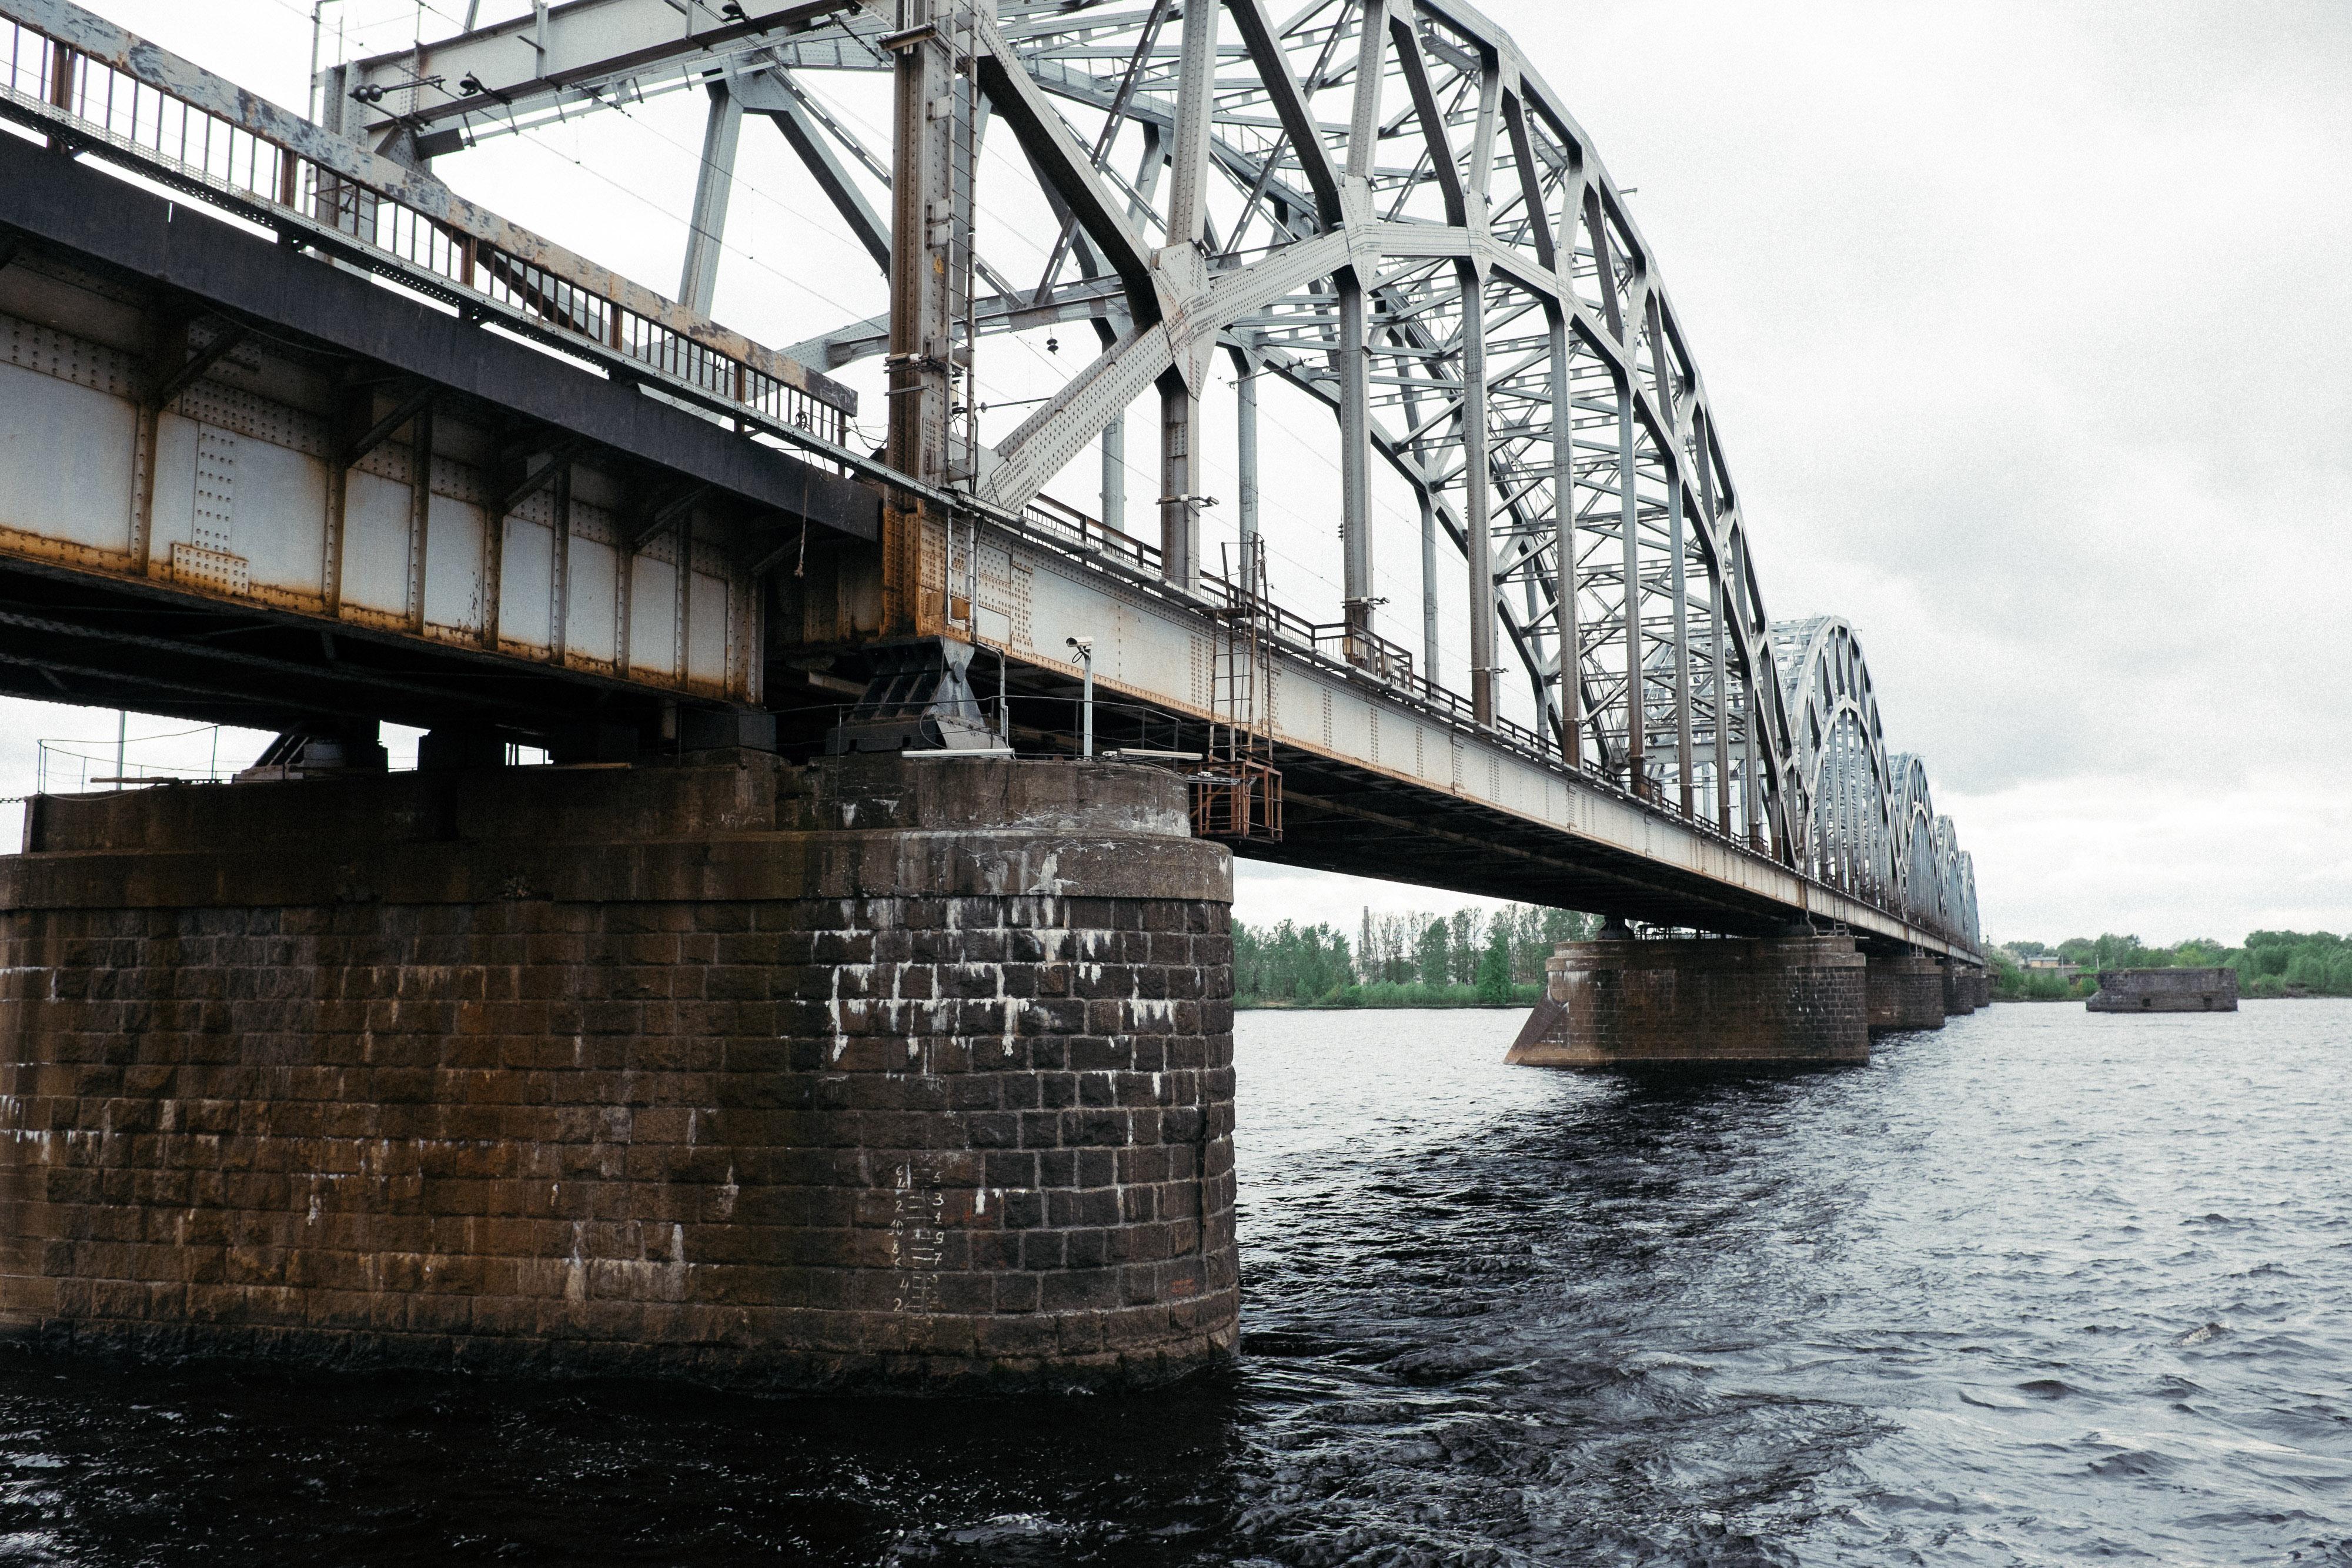 недовольство многих железнодорожный мост ляскеля фото театре